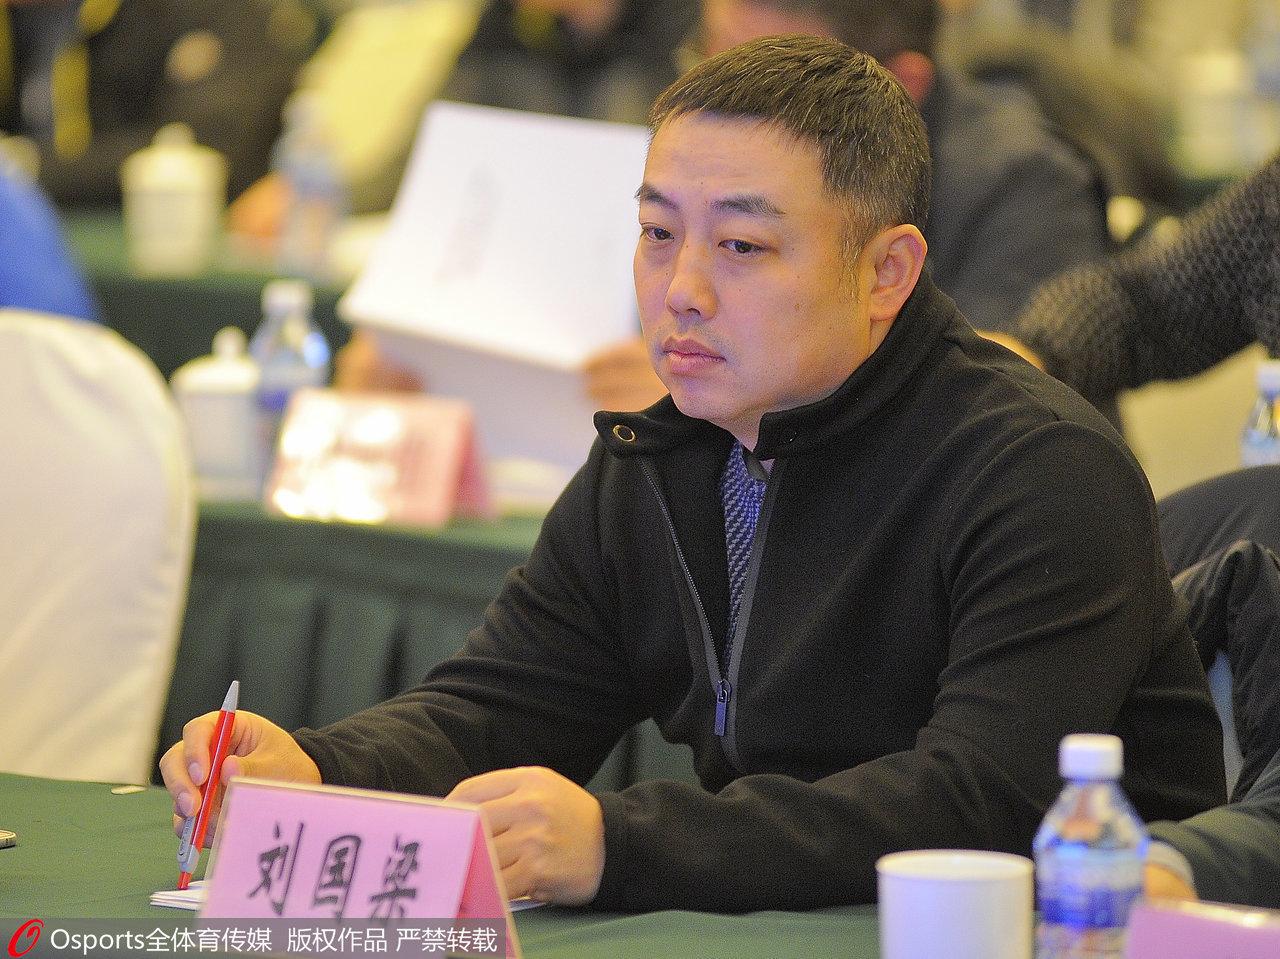 重磅!刘国梁卸任国乒总教练 将出任乒协副主席 - 挥斥方遒 - 挥斥方遒的博客